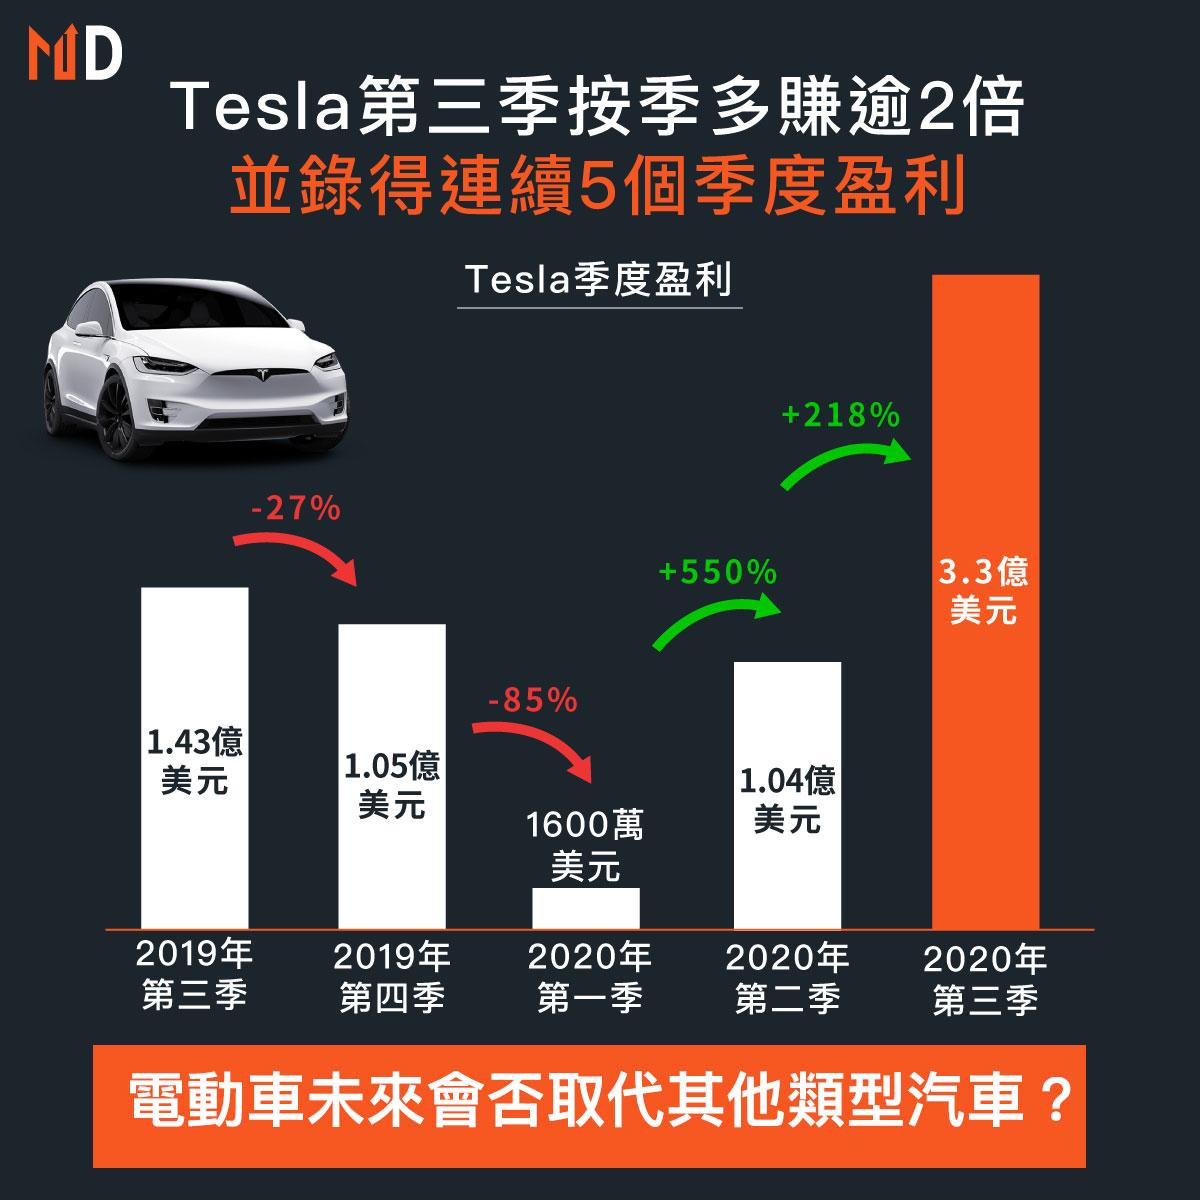 Tesla盈利再次錄得增長!